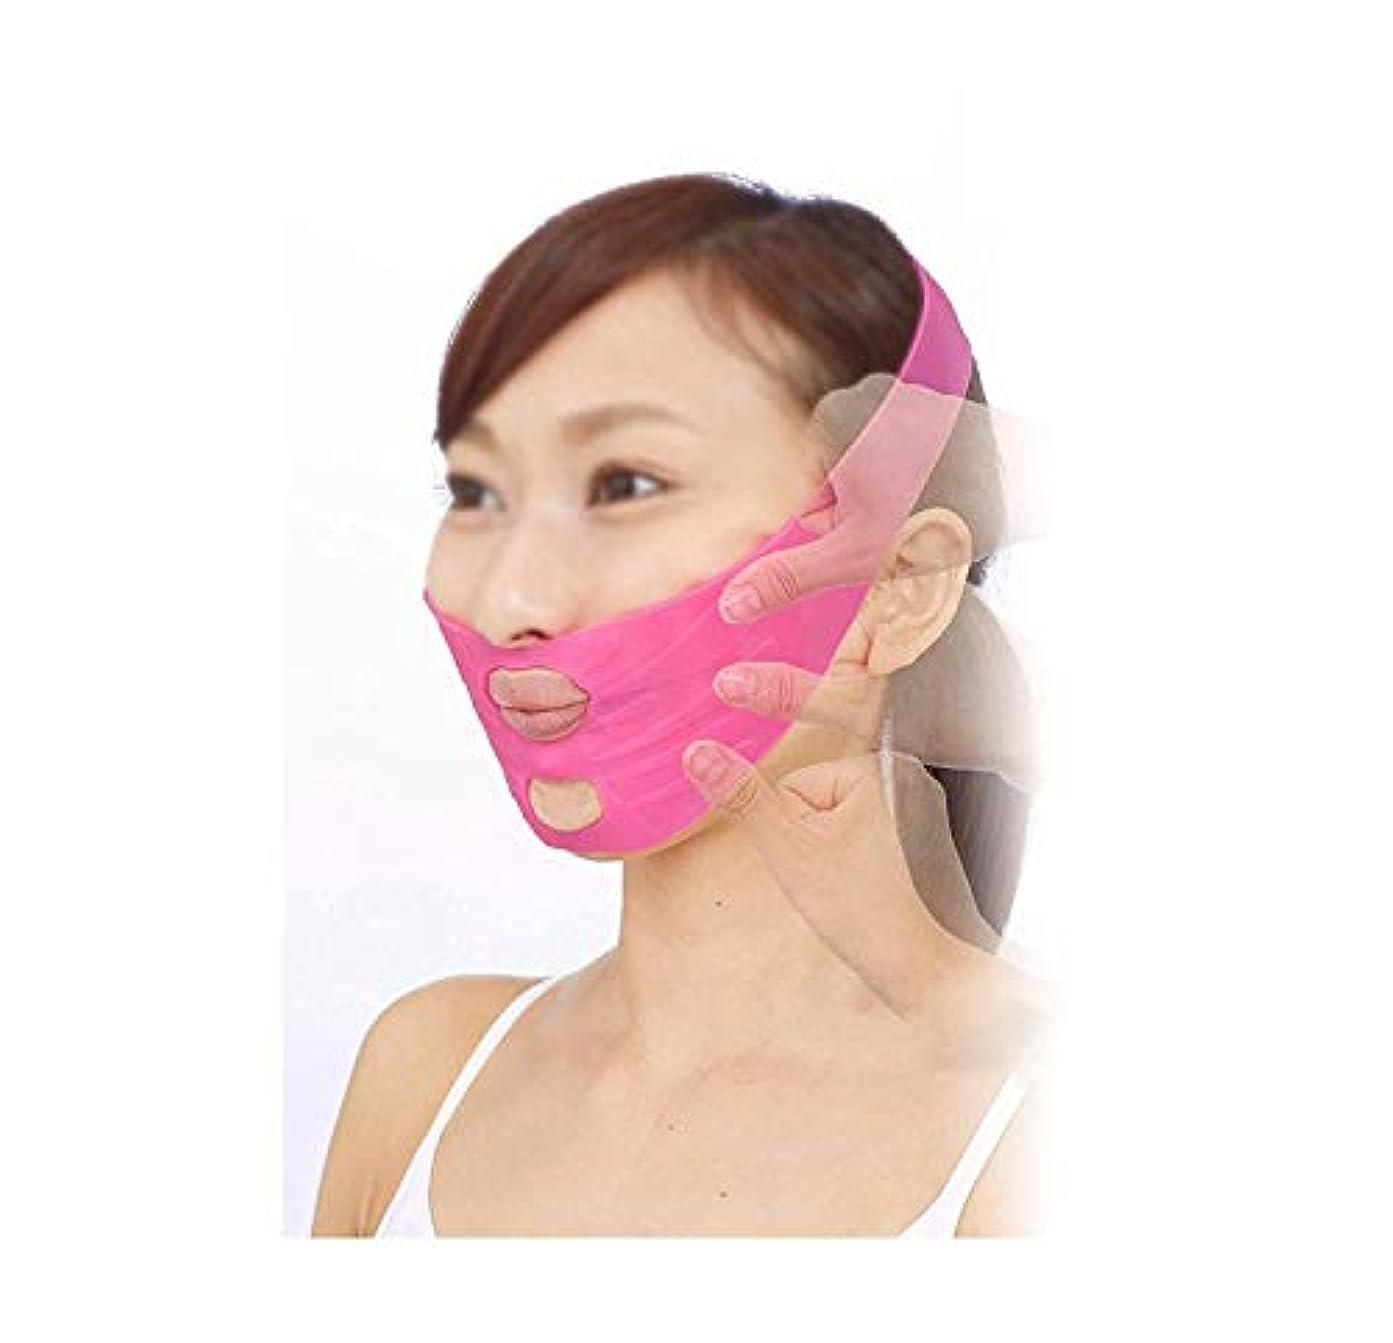 富中断まつげフェイシャルマスク、フェイスリフティングアーティファクトフェイスマスク垂れ顔SサイズVフェイス包帯通気性スリーピングフェイスダブルチンチンセットスリープ弾性スリミングベルト